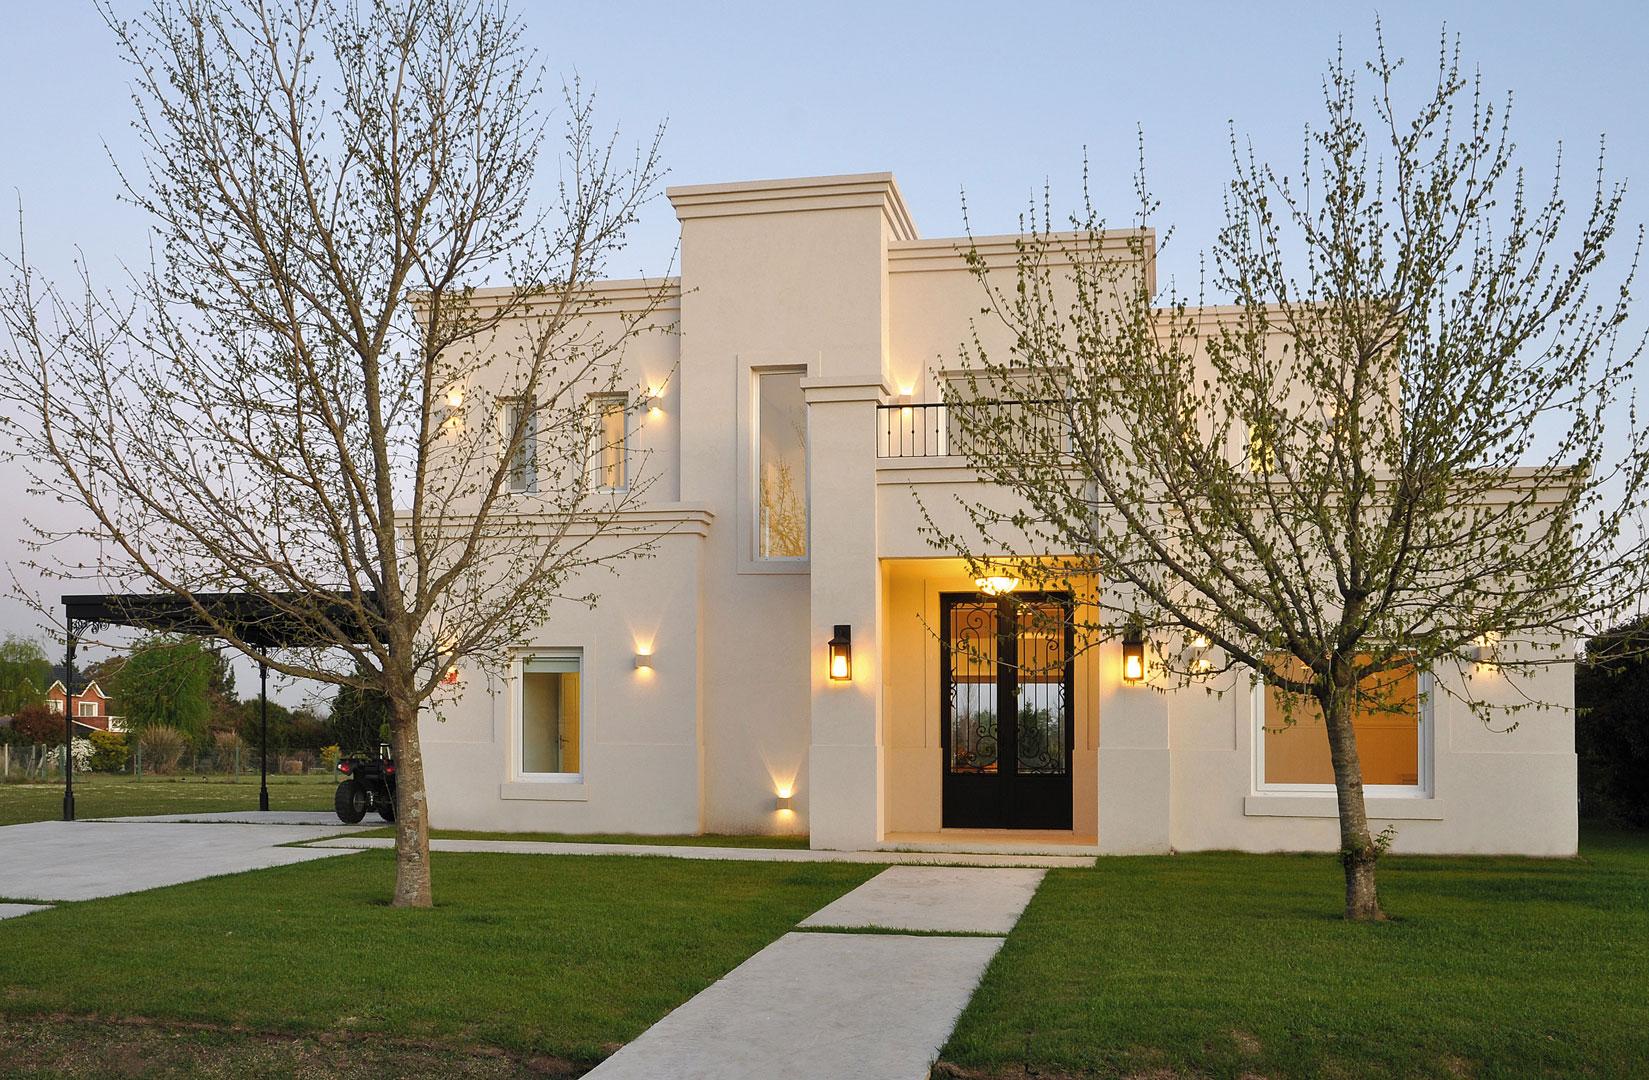 Marcela parrado casa estilo actual c sico arquitecto for Estilos de casas arquitectura